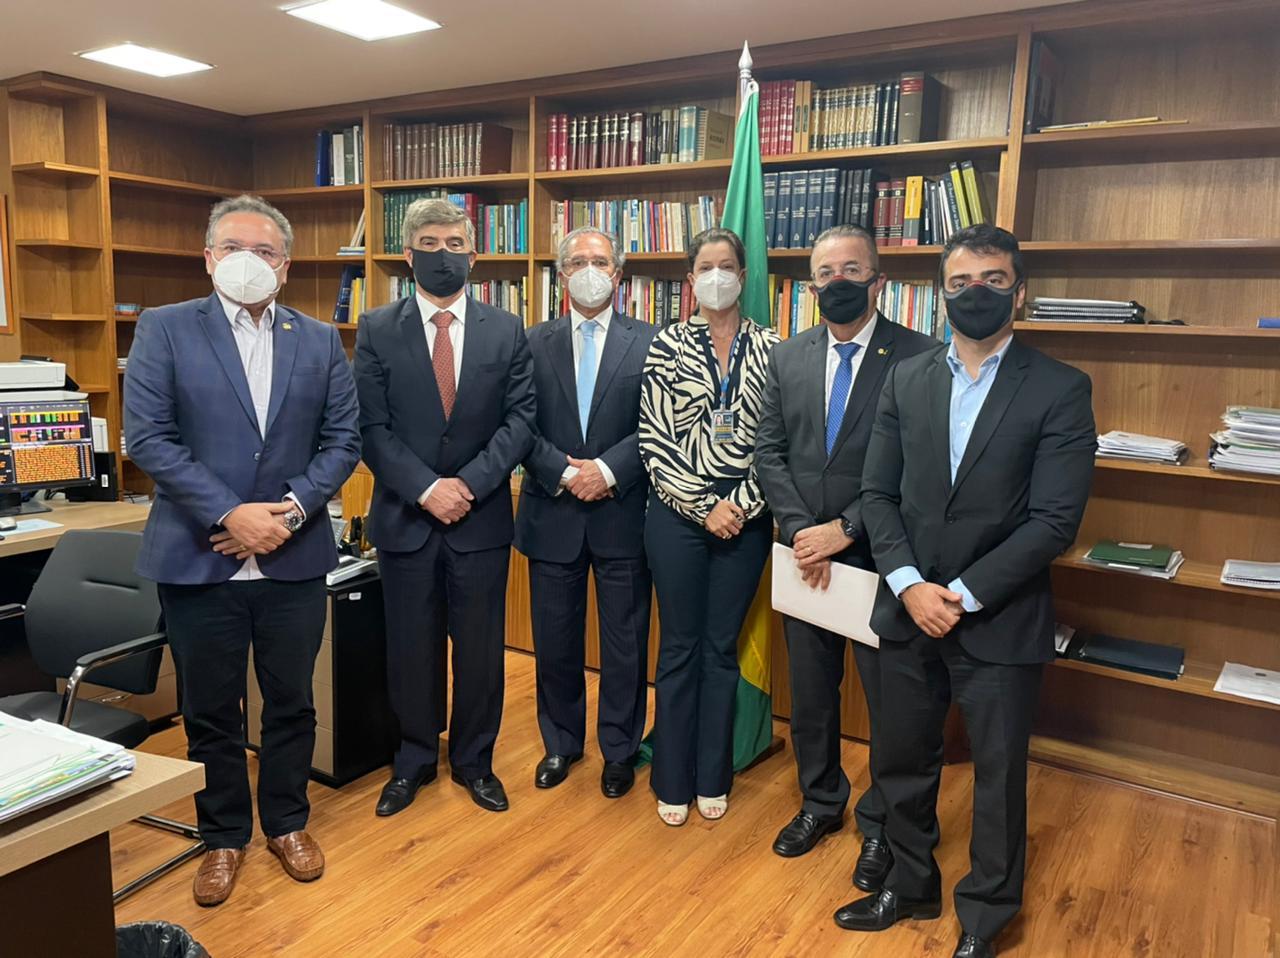 WhatsApp Image 2021 07 14 at 13.18.38 - Wellington Roberto e Bruno Roberto se reúnem com ministro Paulo Guedes para tratar da Reforma Tributária